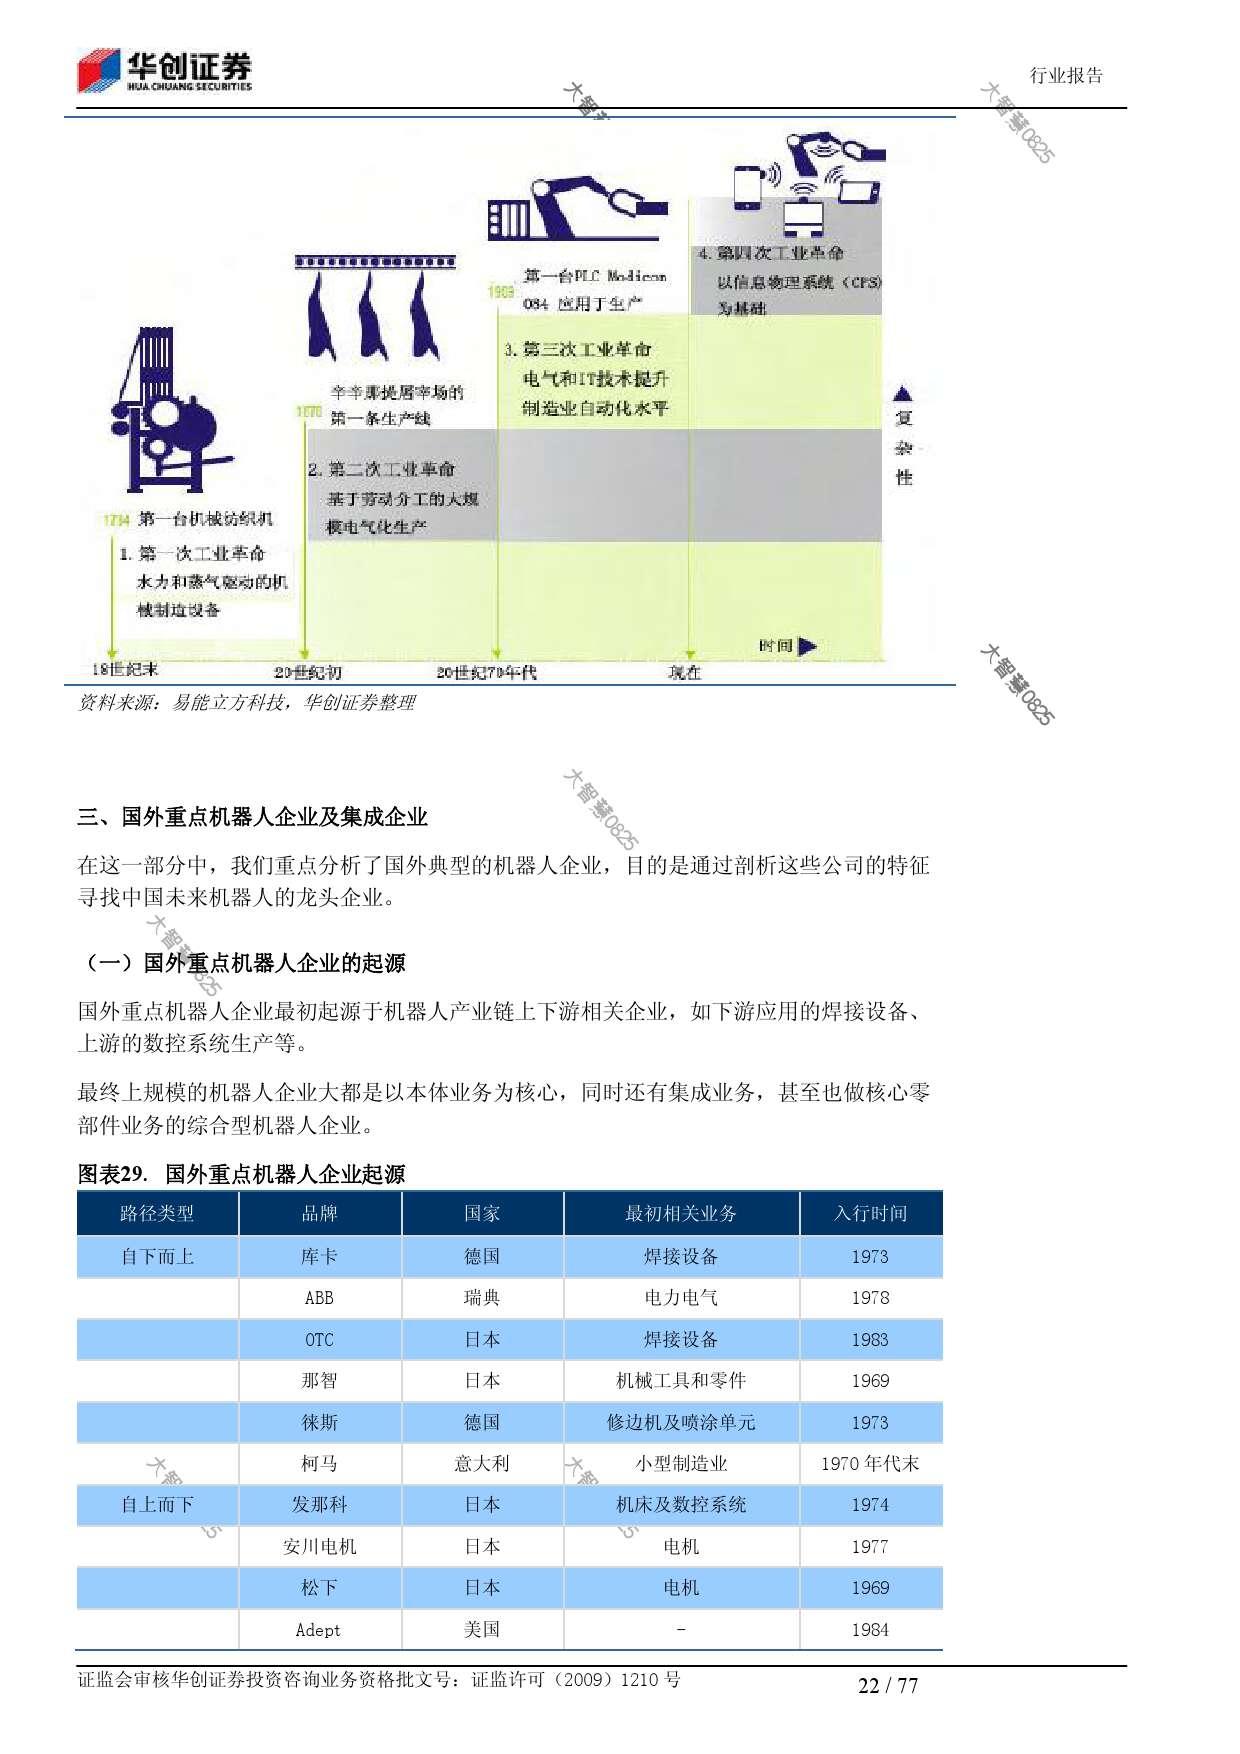 行业研究_华创证券_刘国清,鲁佩_机械设备:机器人大趋势_2014021_000022